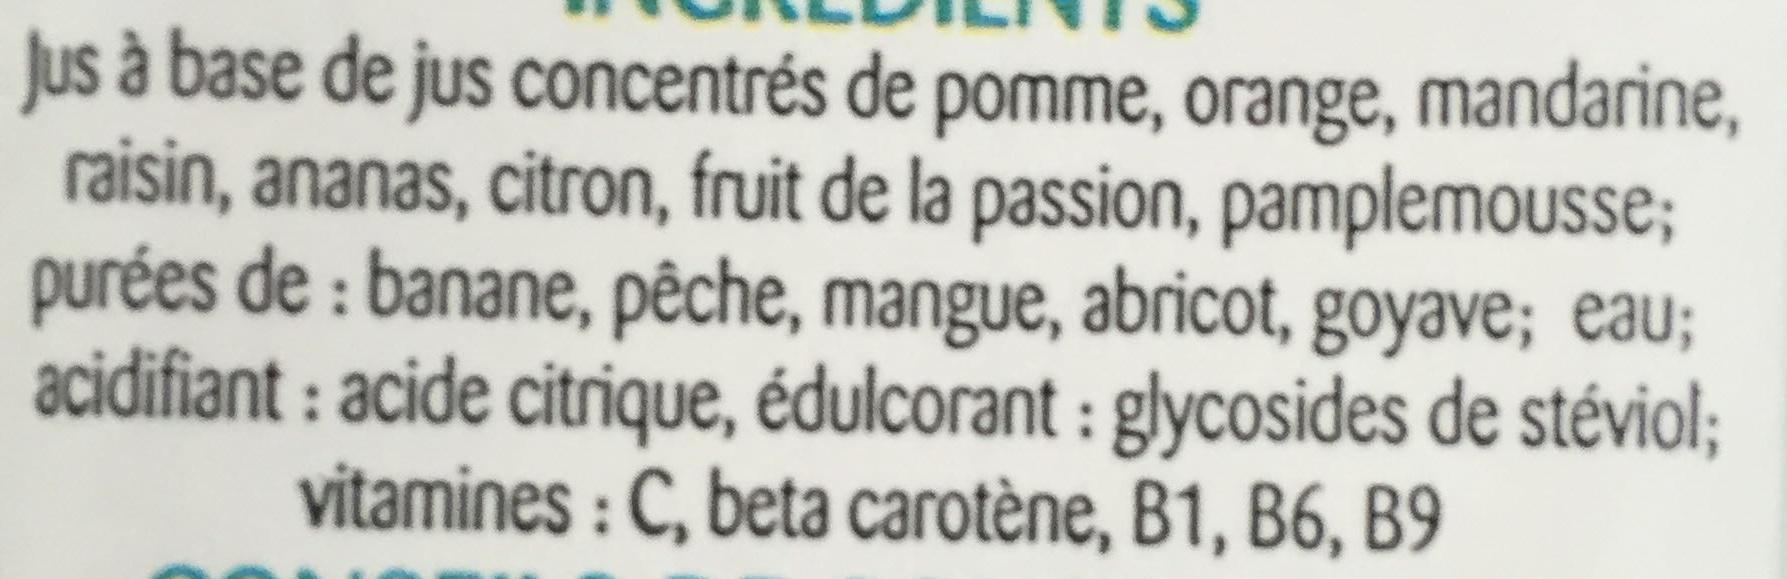 Multi Enrichi en Vitamines B1, B9, B6, C et A - Ingrédients - fr